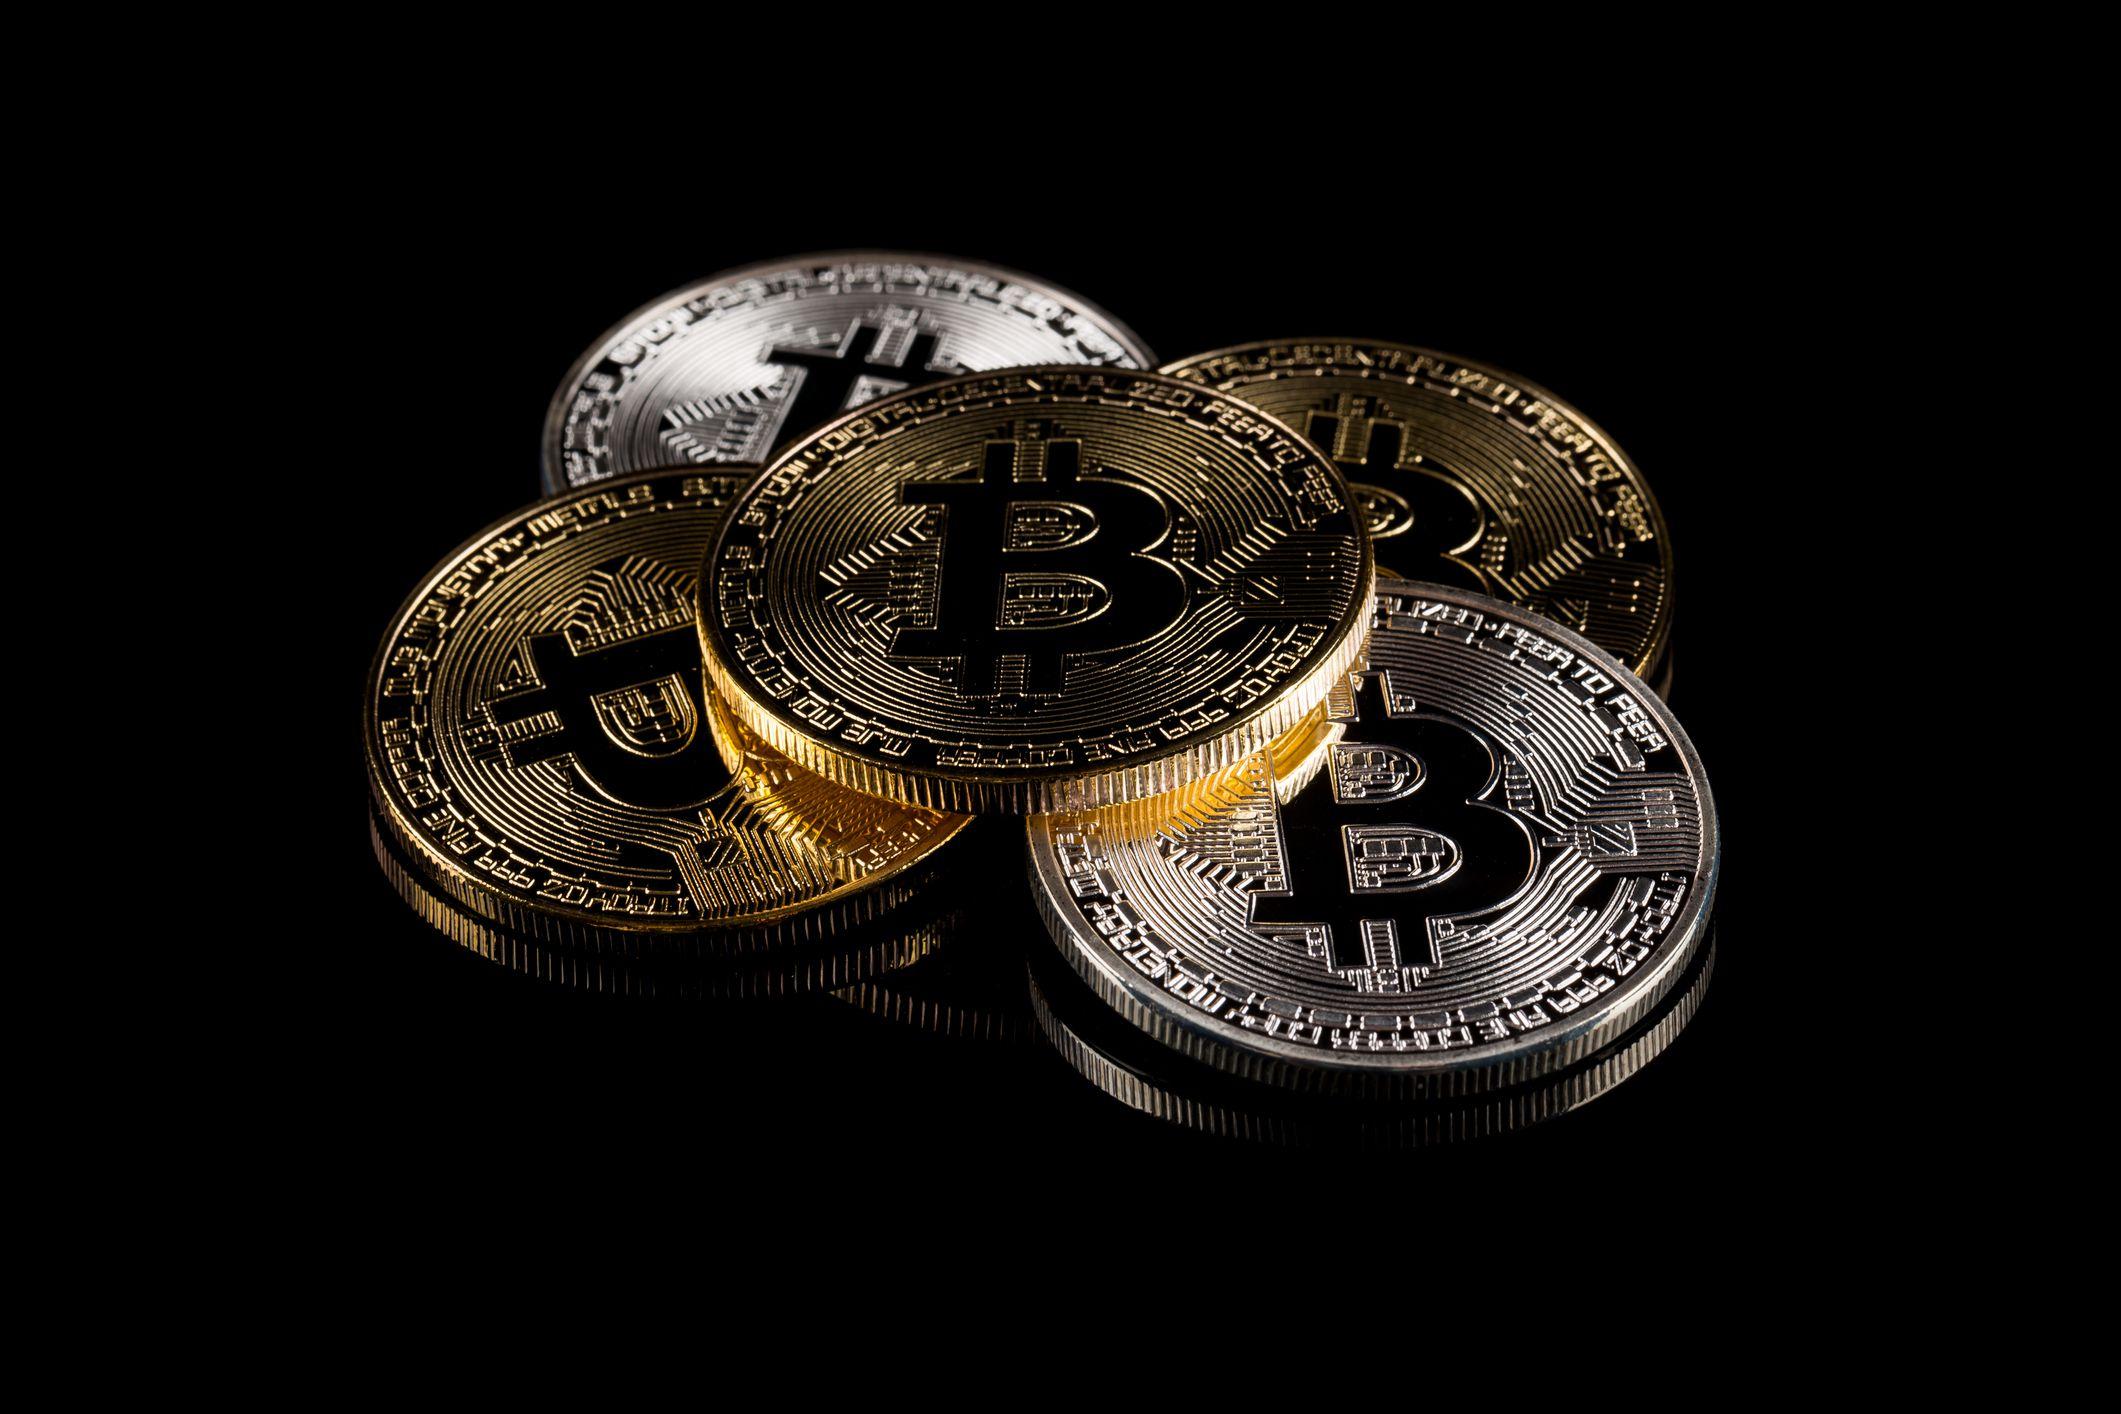 mennyit lehet keresni bitcoinokon naponta hogyan lehet azonnal pénzt fizetni